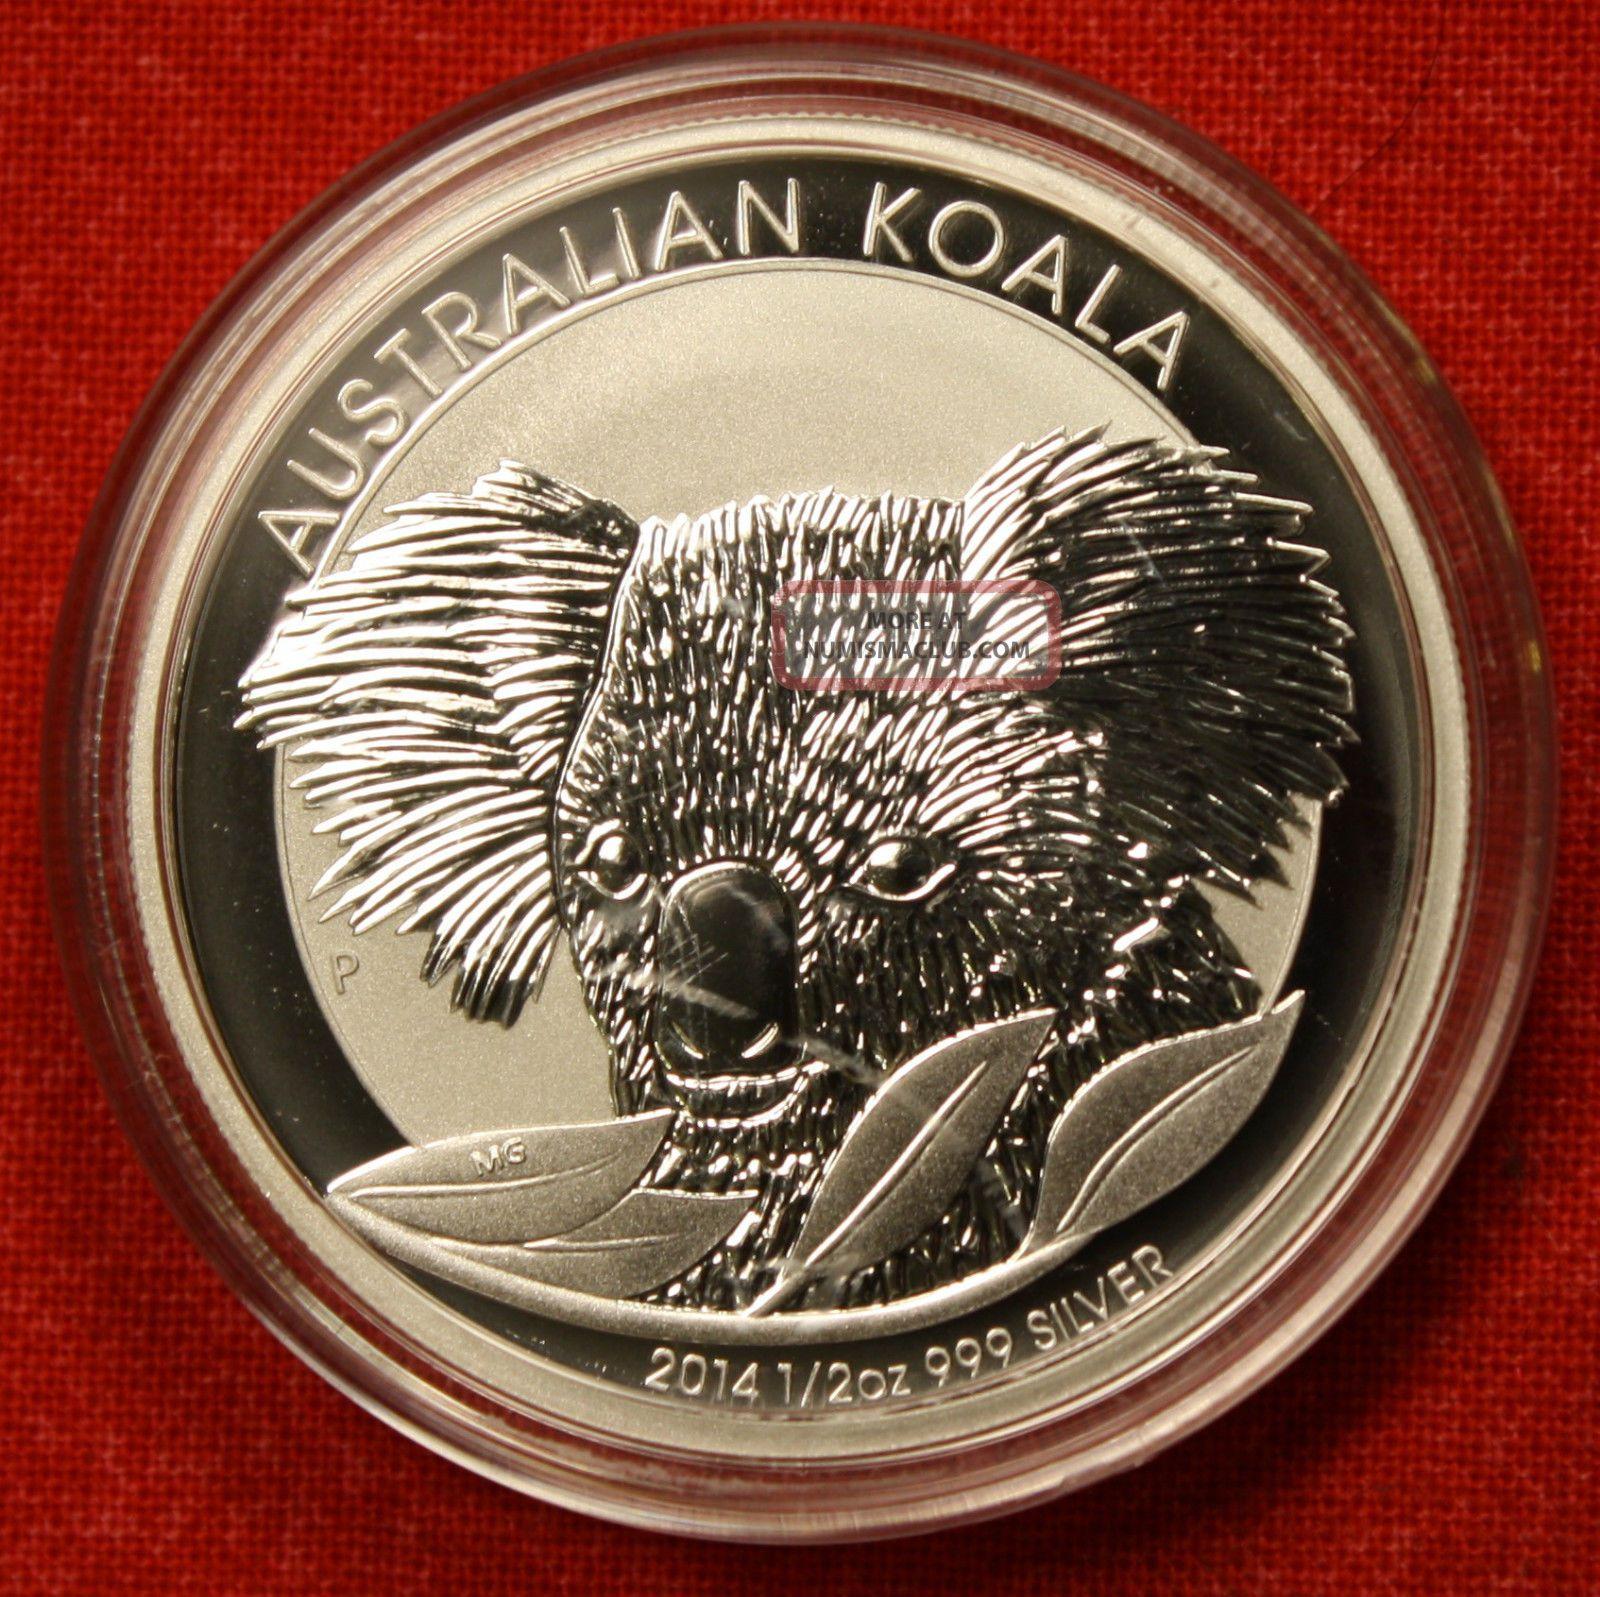 2013 AUSTRALIAN KOALA DESIGN 1/2 oz .999% SILVER ROUND